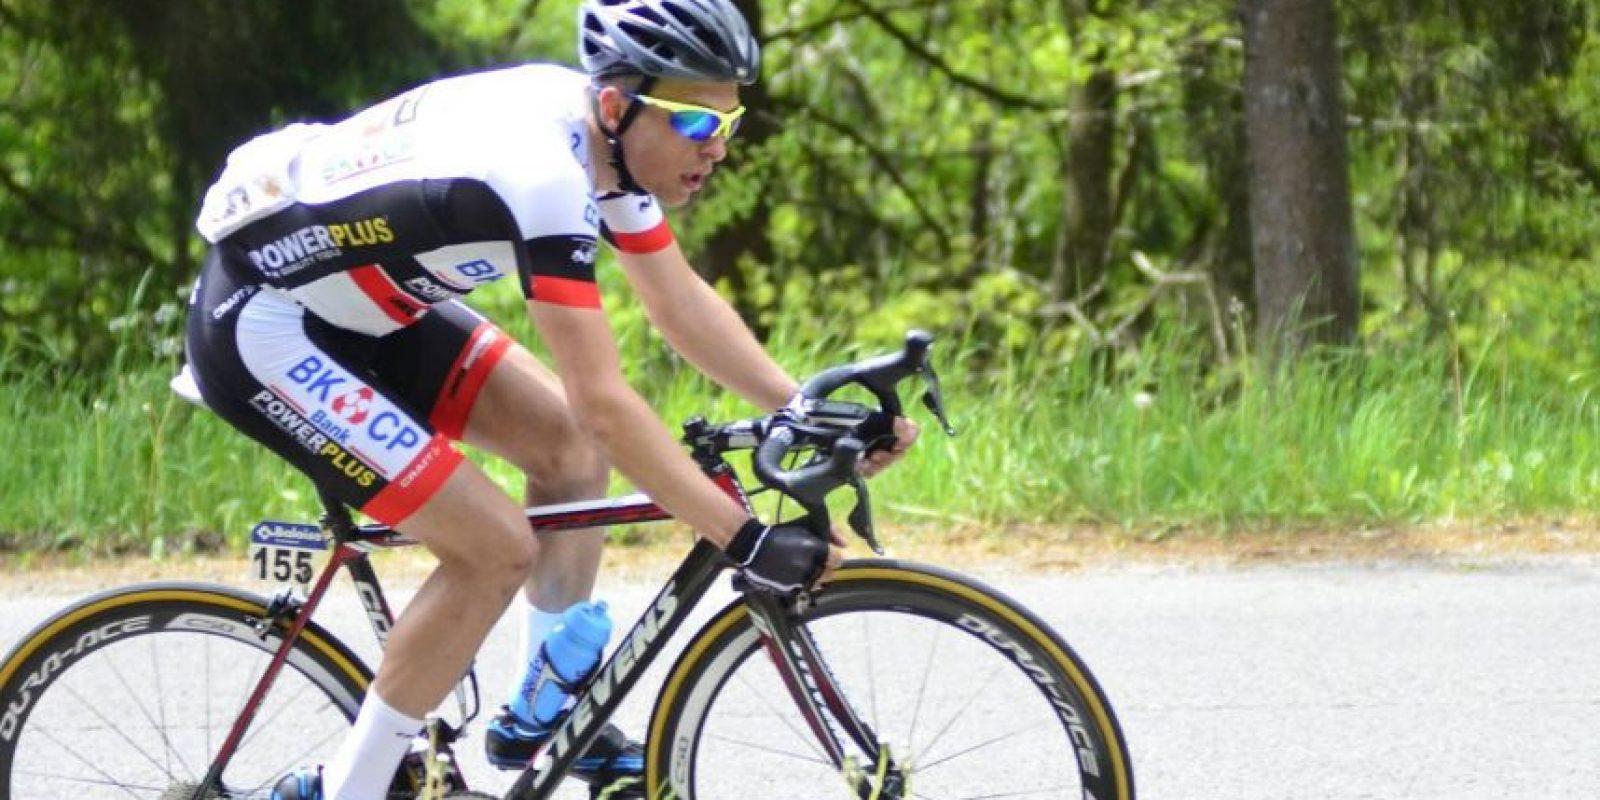 Tiene 19 años y es originario de la República Checa. Foto:Vía facebook.com/adam.toupalik. Imagen Por: